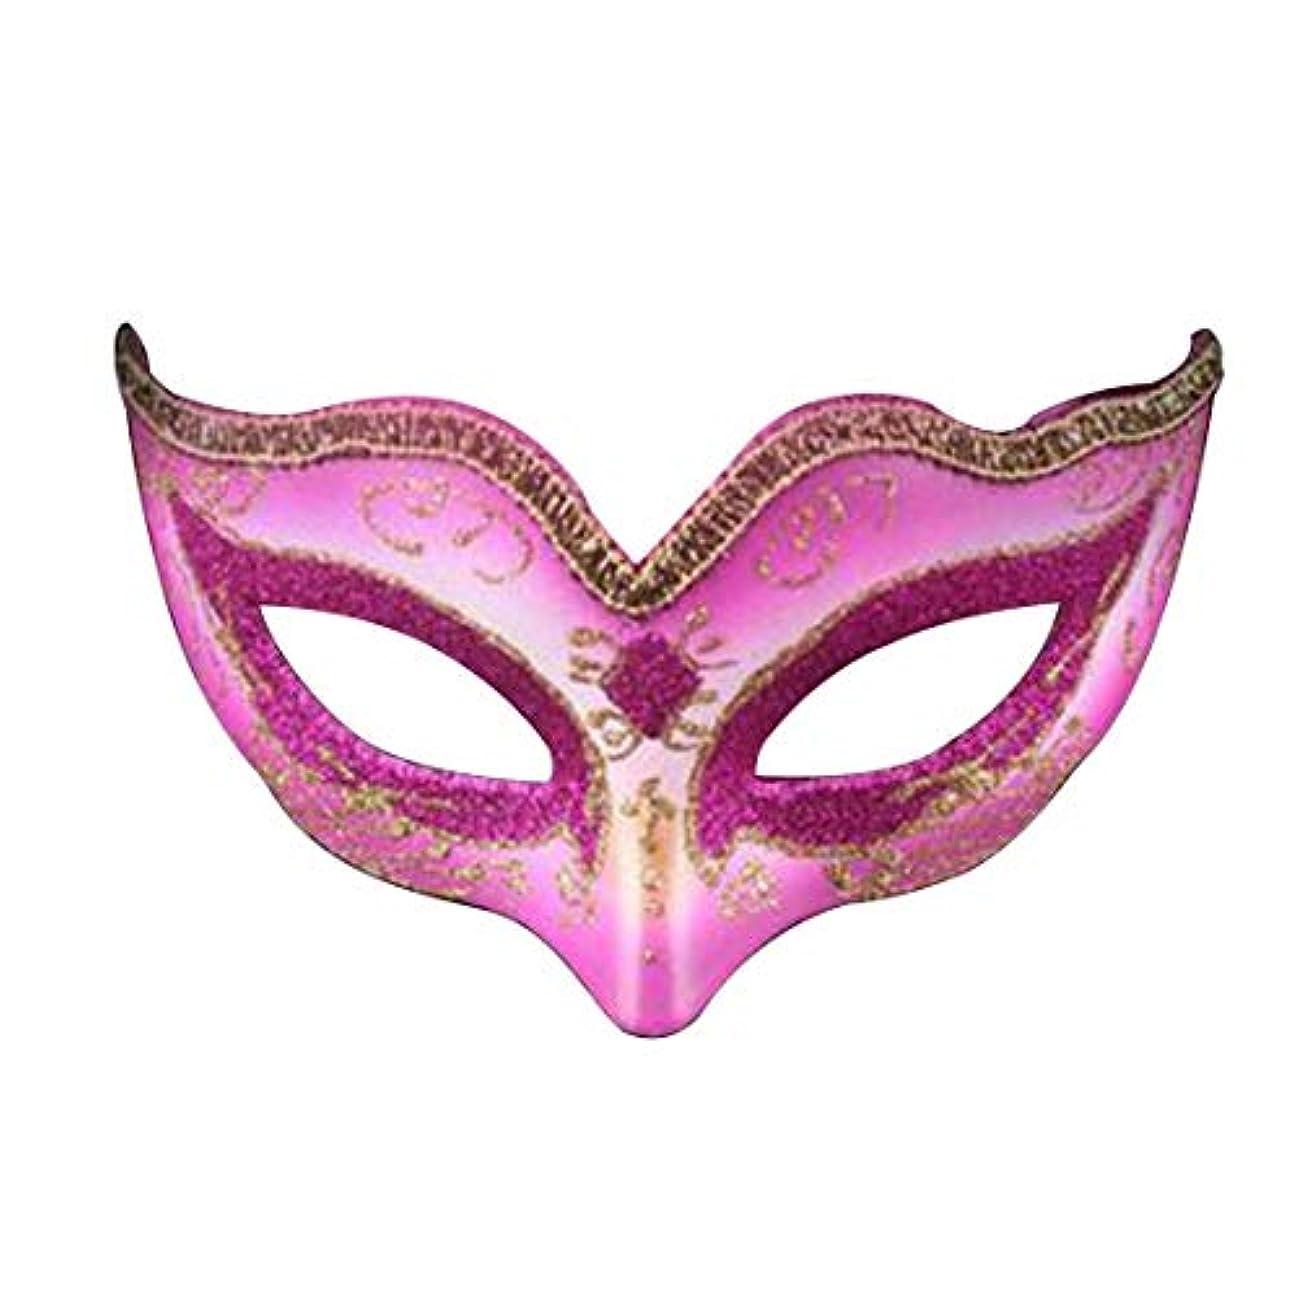 ハンバーガーきらめく多年生塗装済み完成品ハロウィンボールフルマスク高級ヴェネツィア男マスクパーティーショーマスク用男性キャットウォーク仮装ダンスマスク